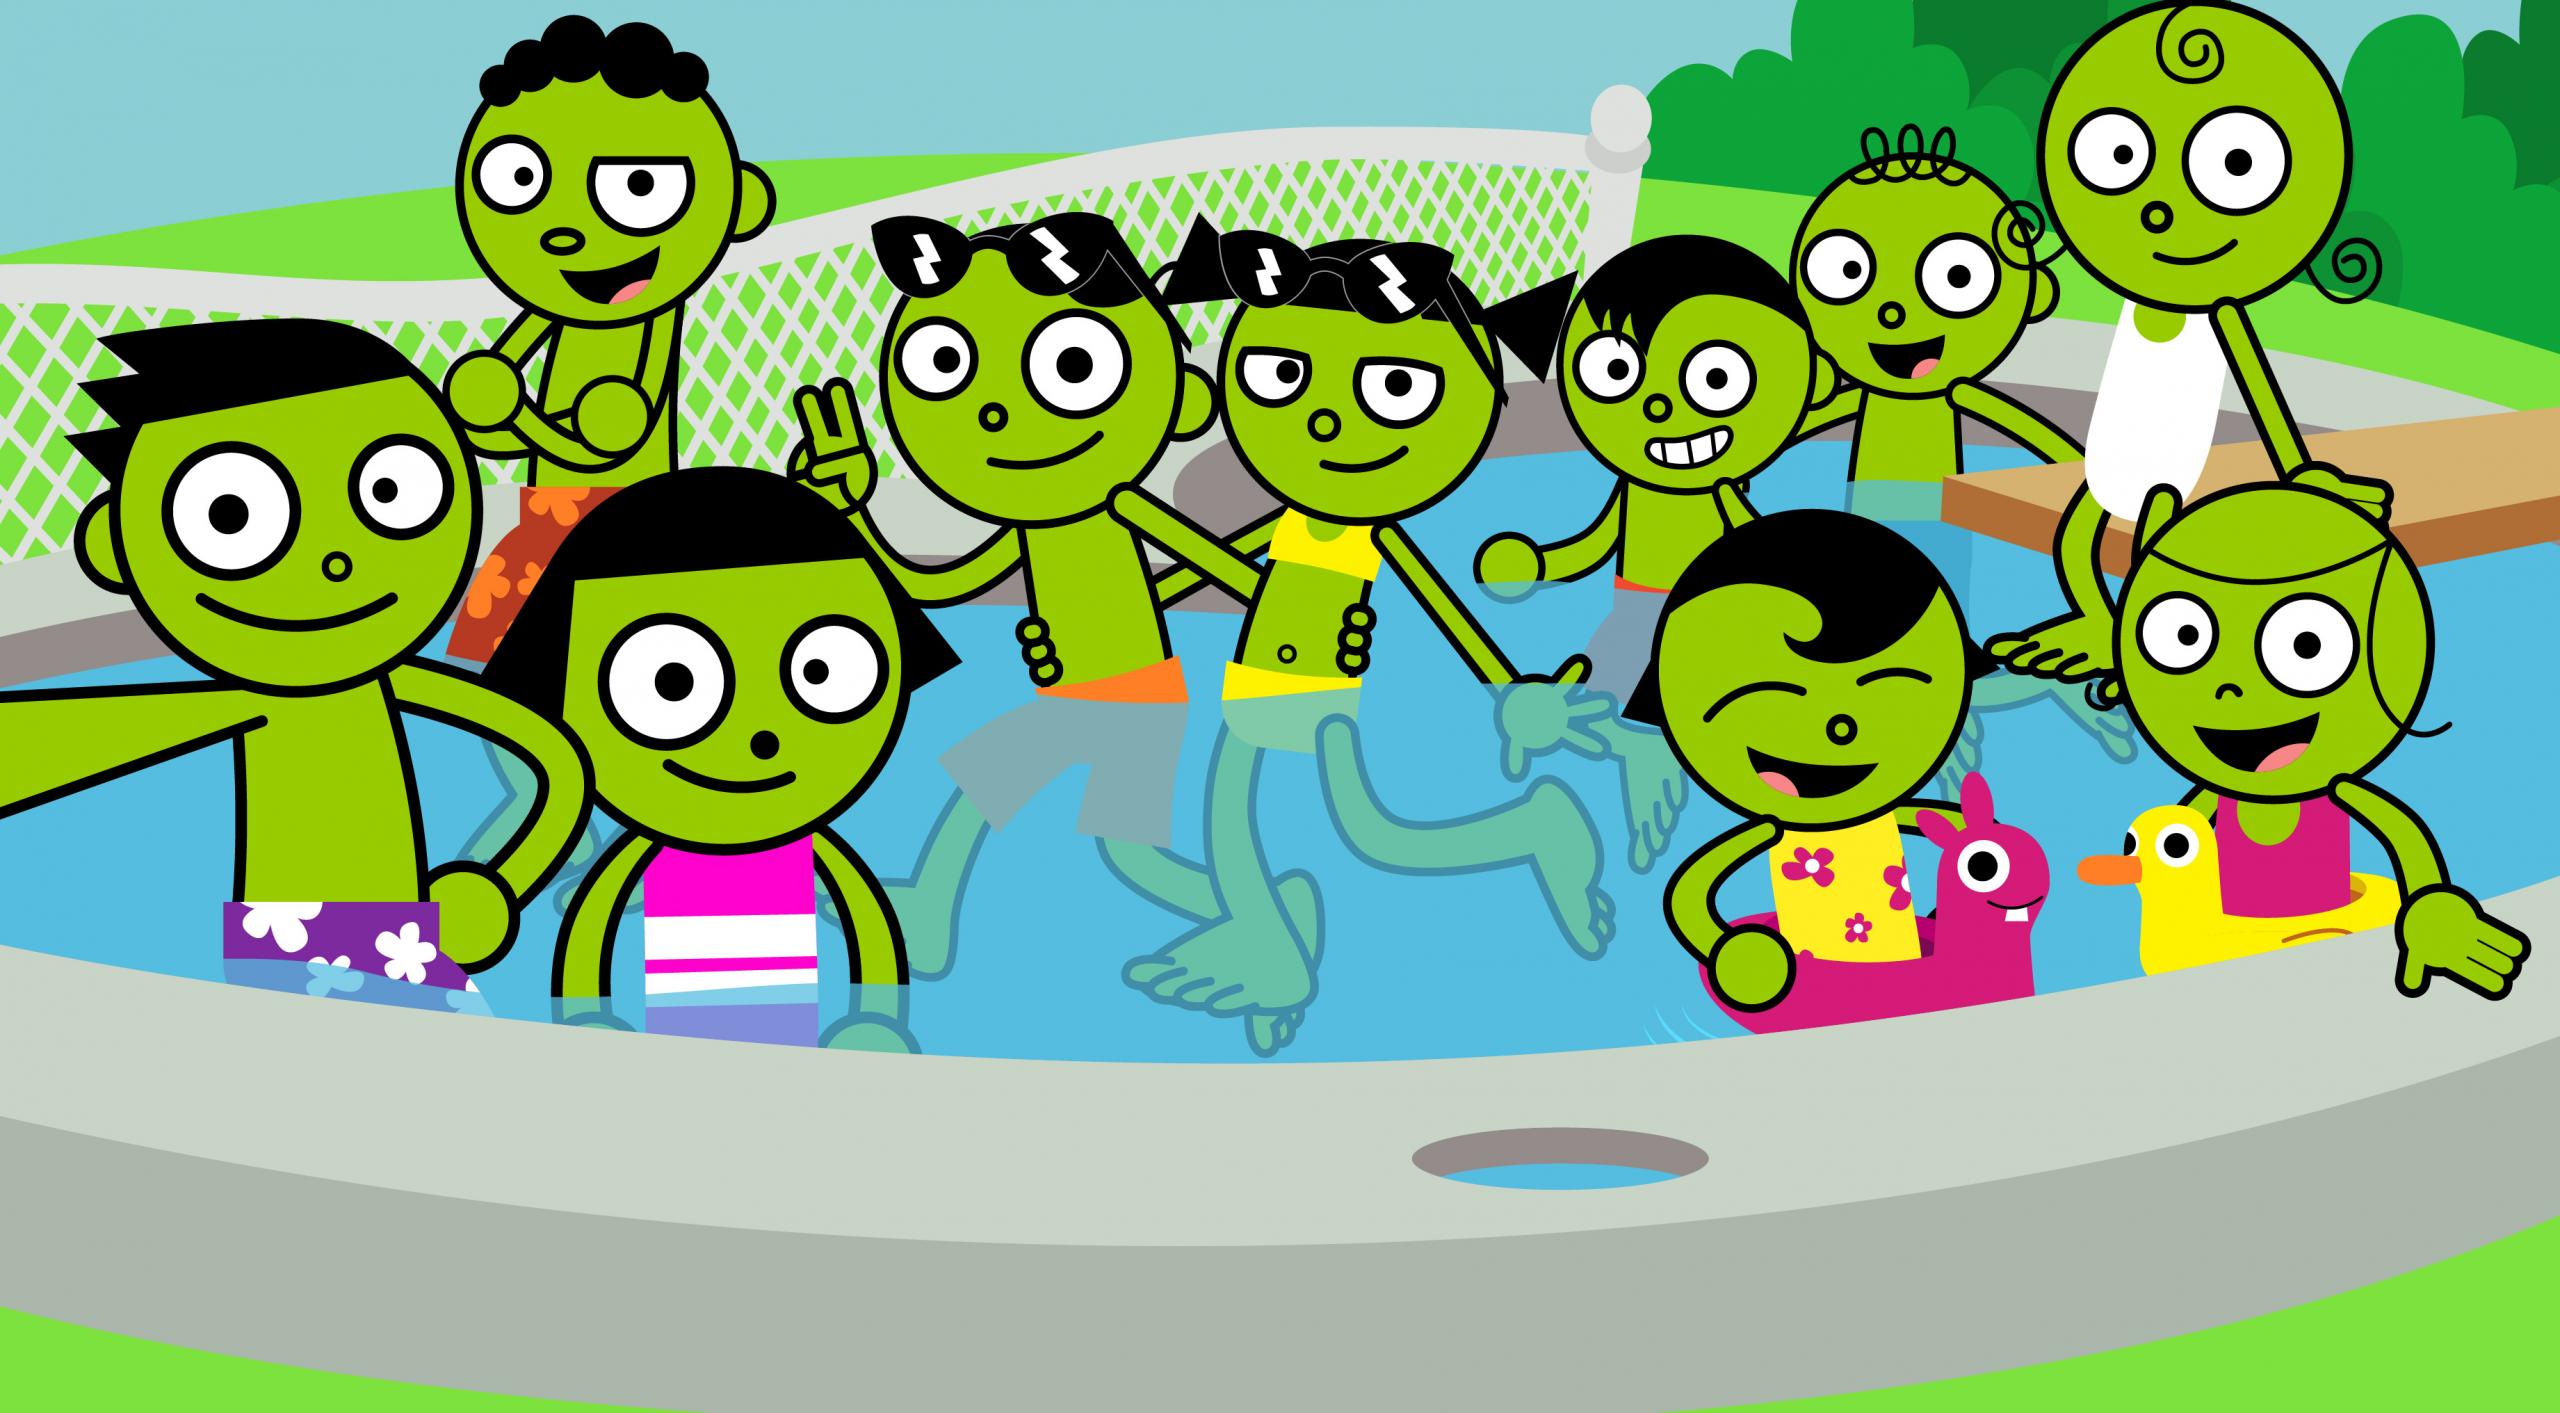 Pbs Kids Party  PBS Kids Selfie Pool Party 1999 by LuxoVeggieDude9302